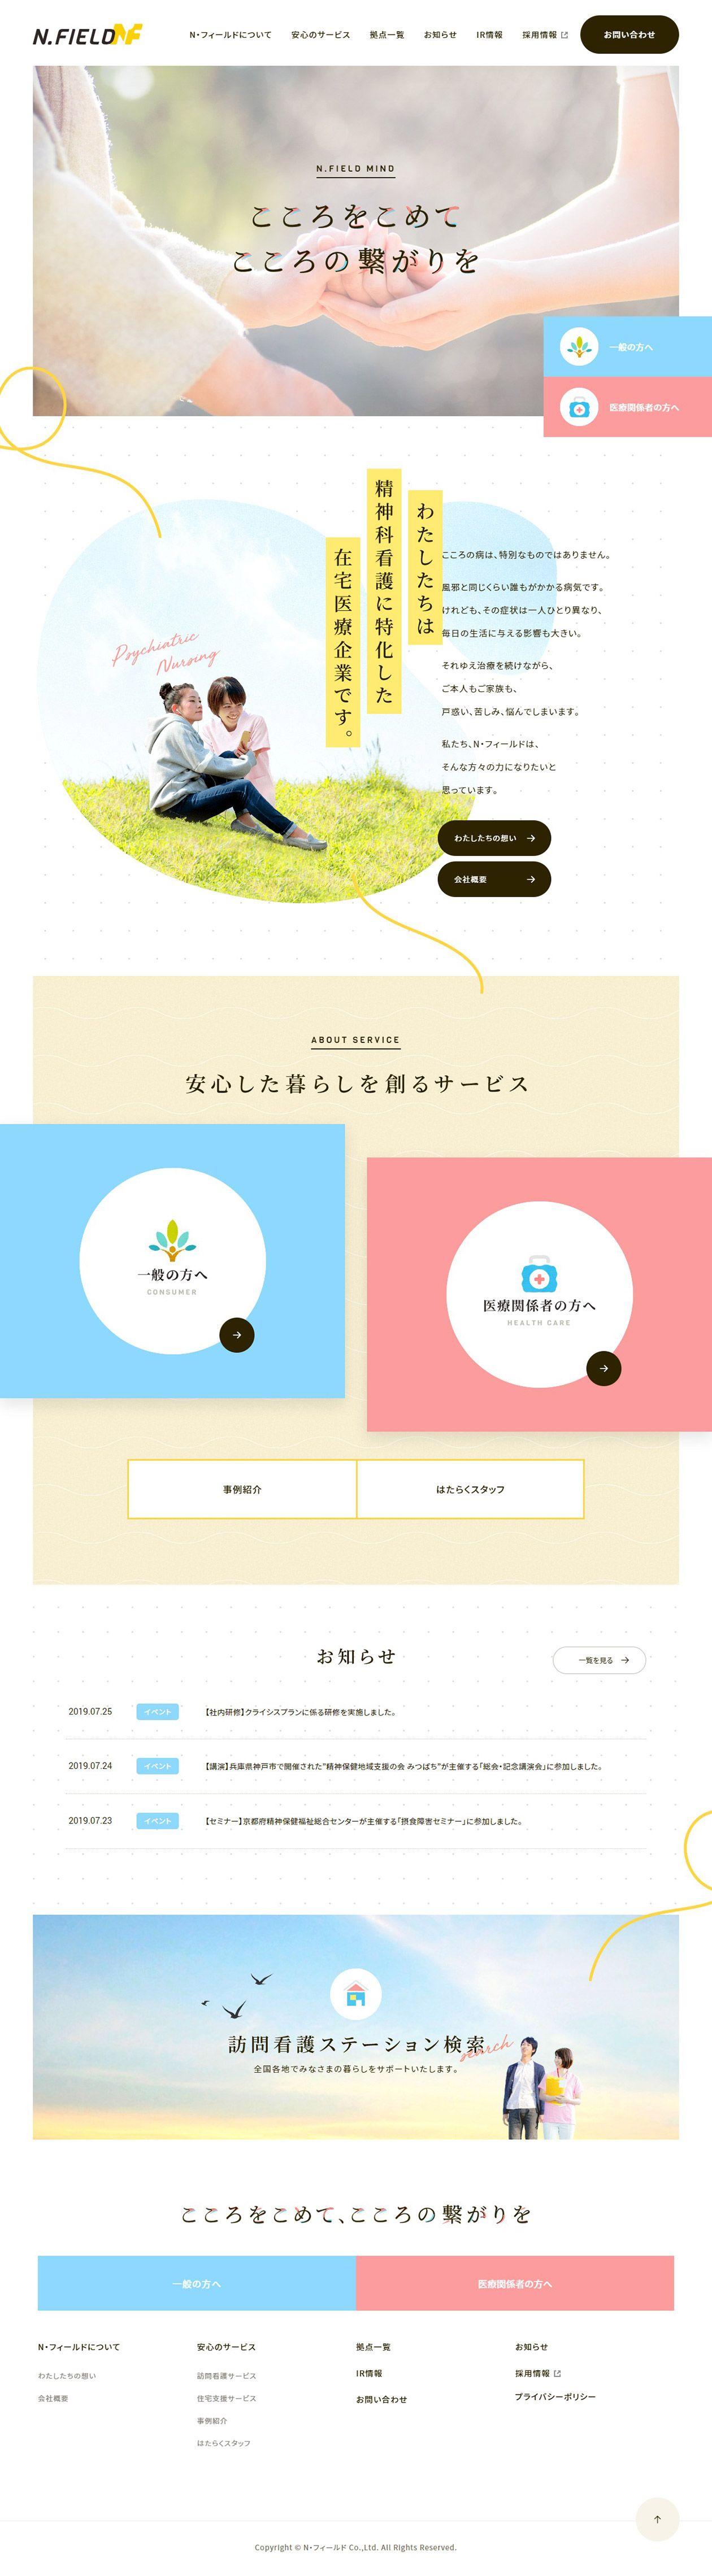 訪問看護サービスの株式会社n フィールド Sankou Lp デザイン コーポレートデザイン 医療デザイン